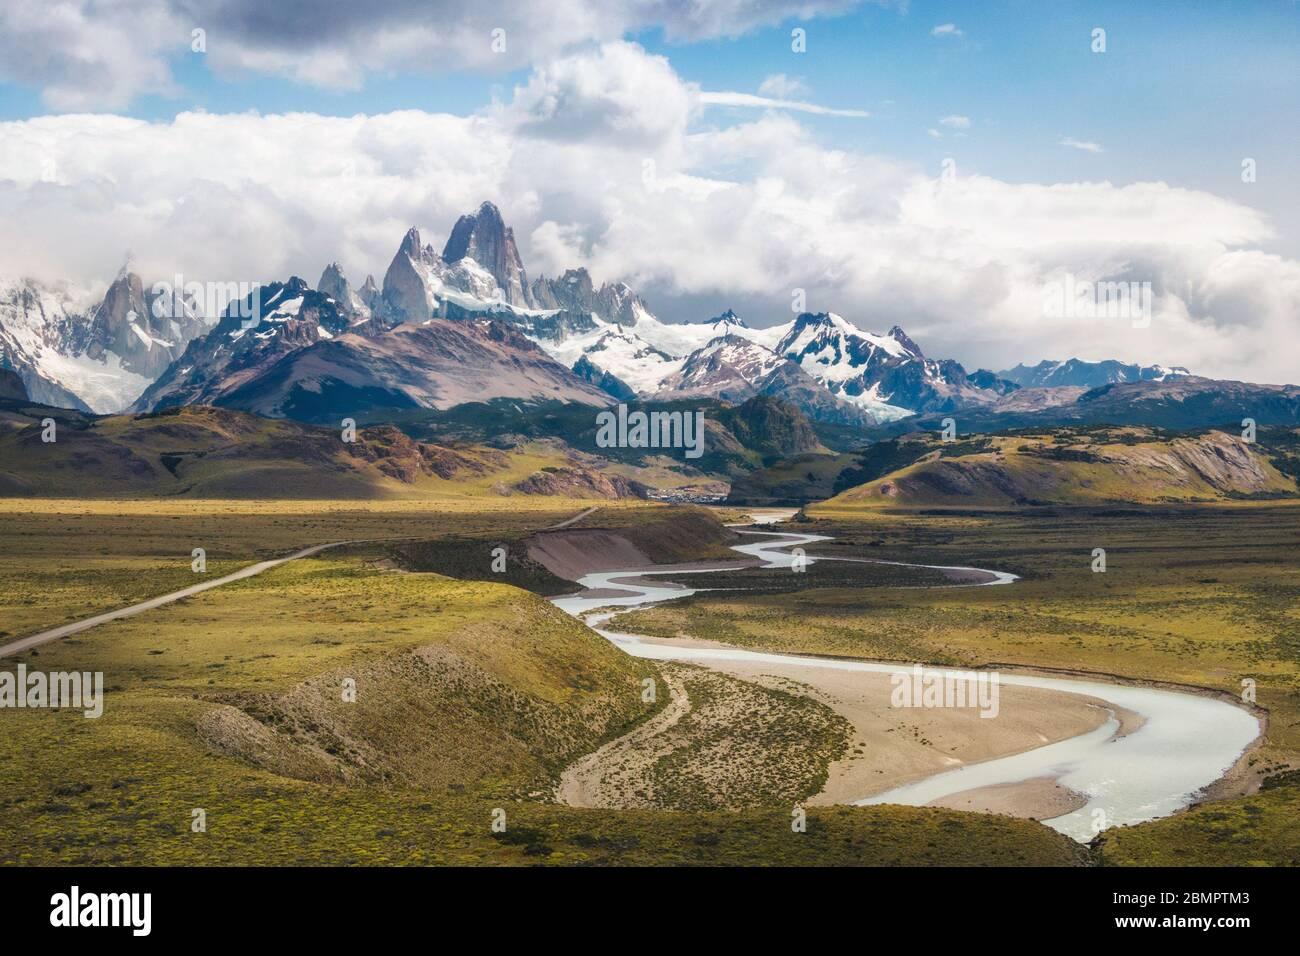 Vista aérea del paisaje de la Patagonia incluyendo el Monte Fitzroy y el Río las vueltas en el Chalten, Argentina, Sudamérica. Foto de stock